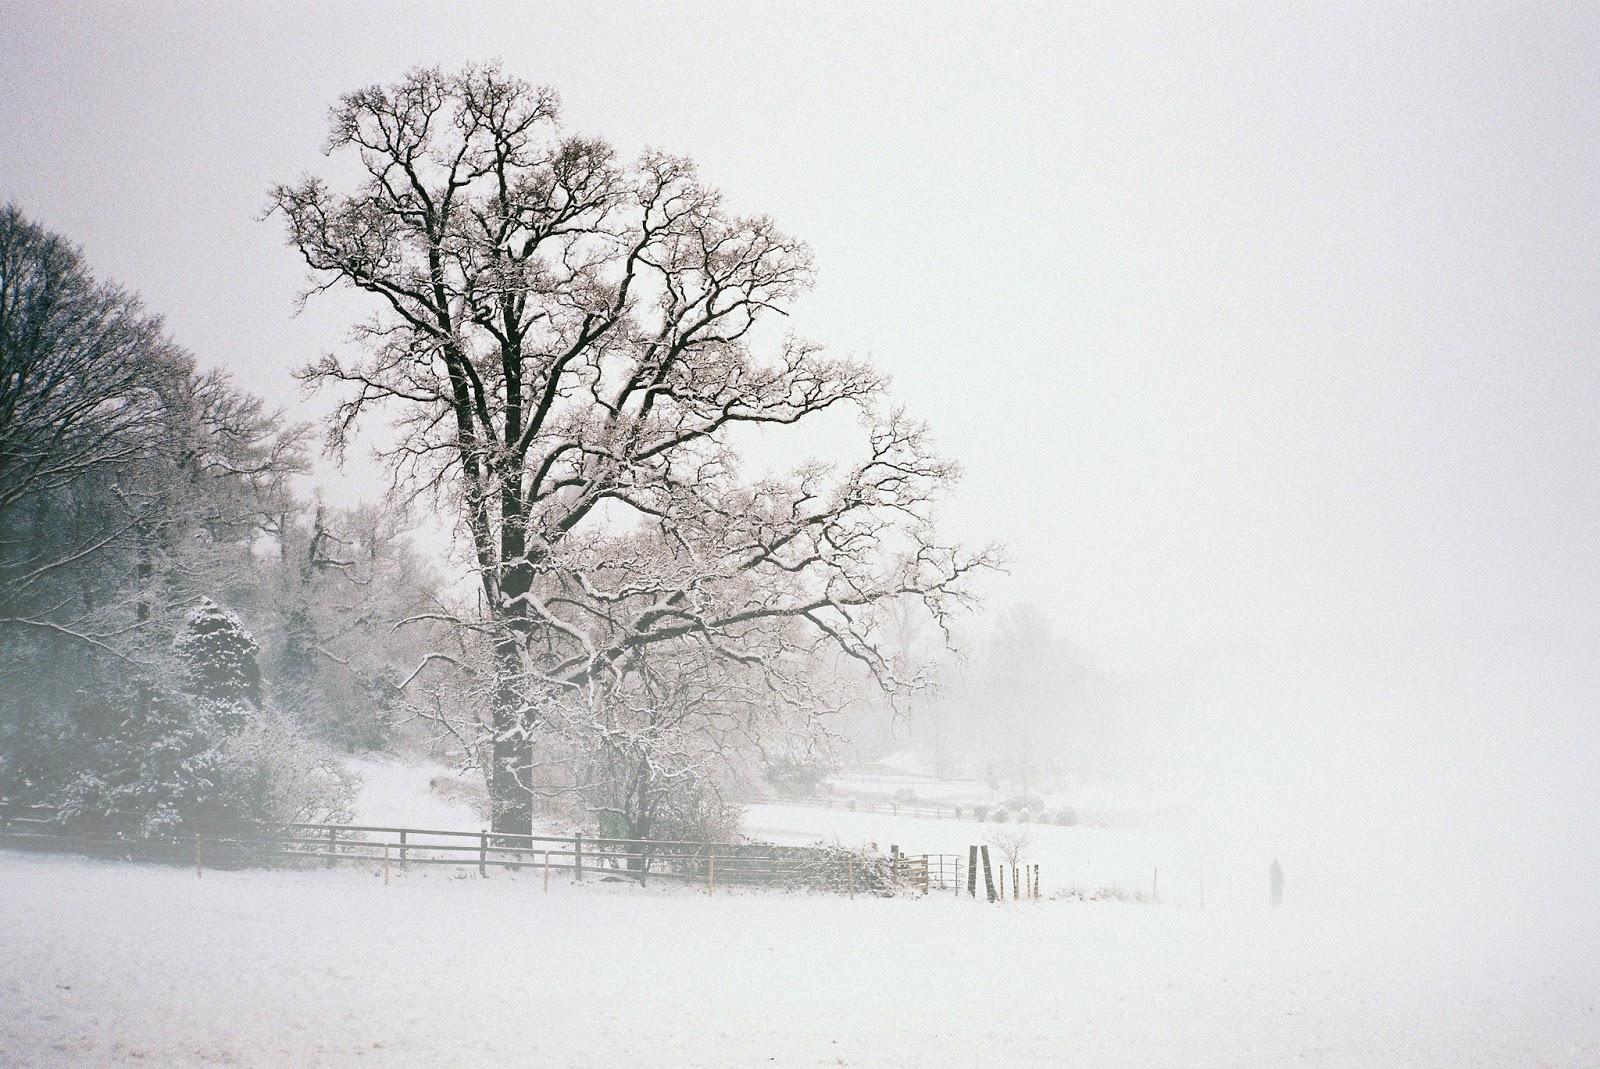 Mùa ở Anh: Mùa xuân cây cối bắt đầu mọc những chồi non khắp nơi, hoa thủy tiên nở vàng rực rỡ. Mùa hè du khách có thể ăn kem trên bãi biển, trải nghiệm cuộc sống ở những vùng nông thôn. Mùa thu, cây cối chuyển lá đỏ và mùa đông là thời điểm trượt tuyết.